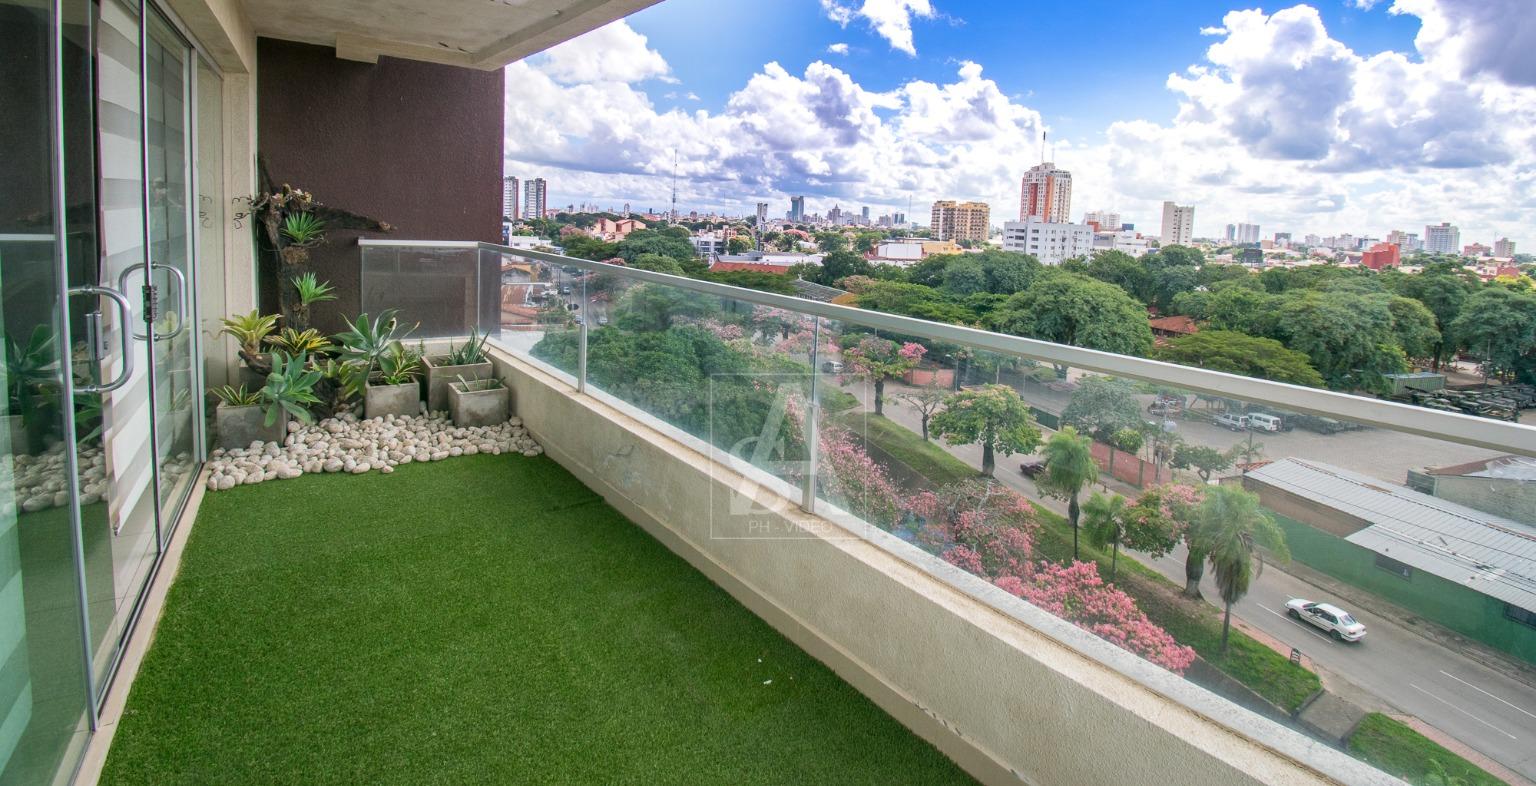 Departamento en Venta DEPARTAMENTO EN VENTA - CONDOMINIO PLAZA GUAPAY - 166.60 m². - AV. GUAPAY Foto 16